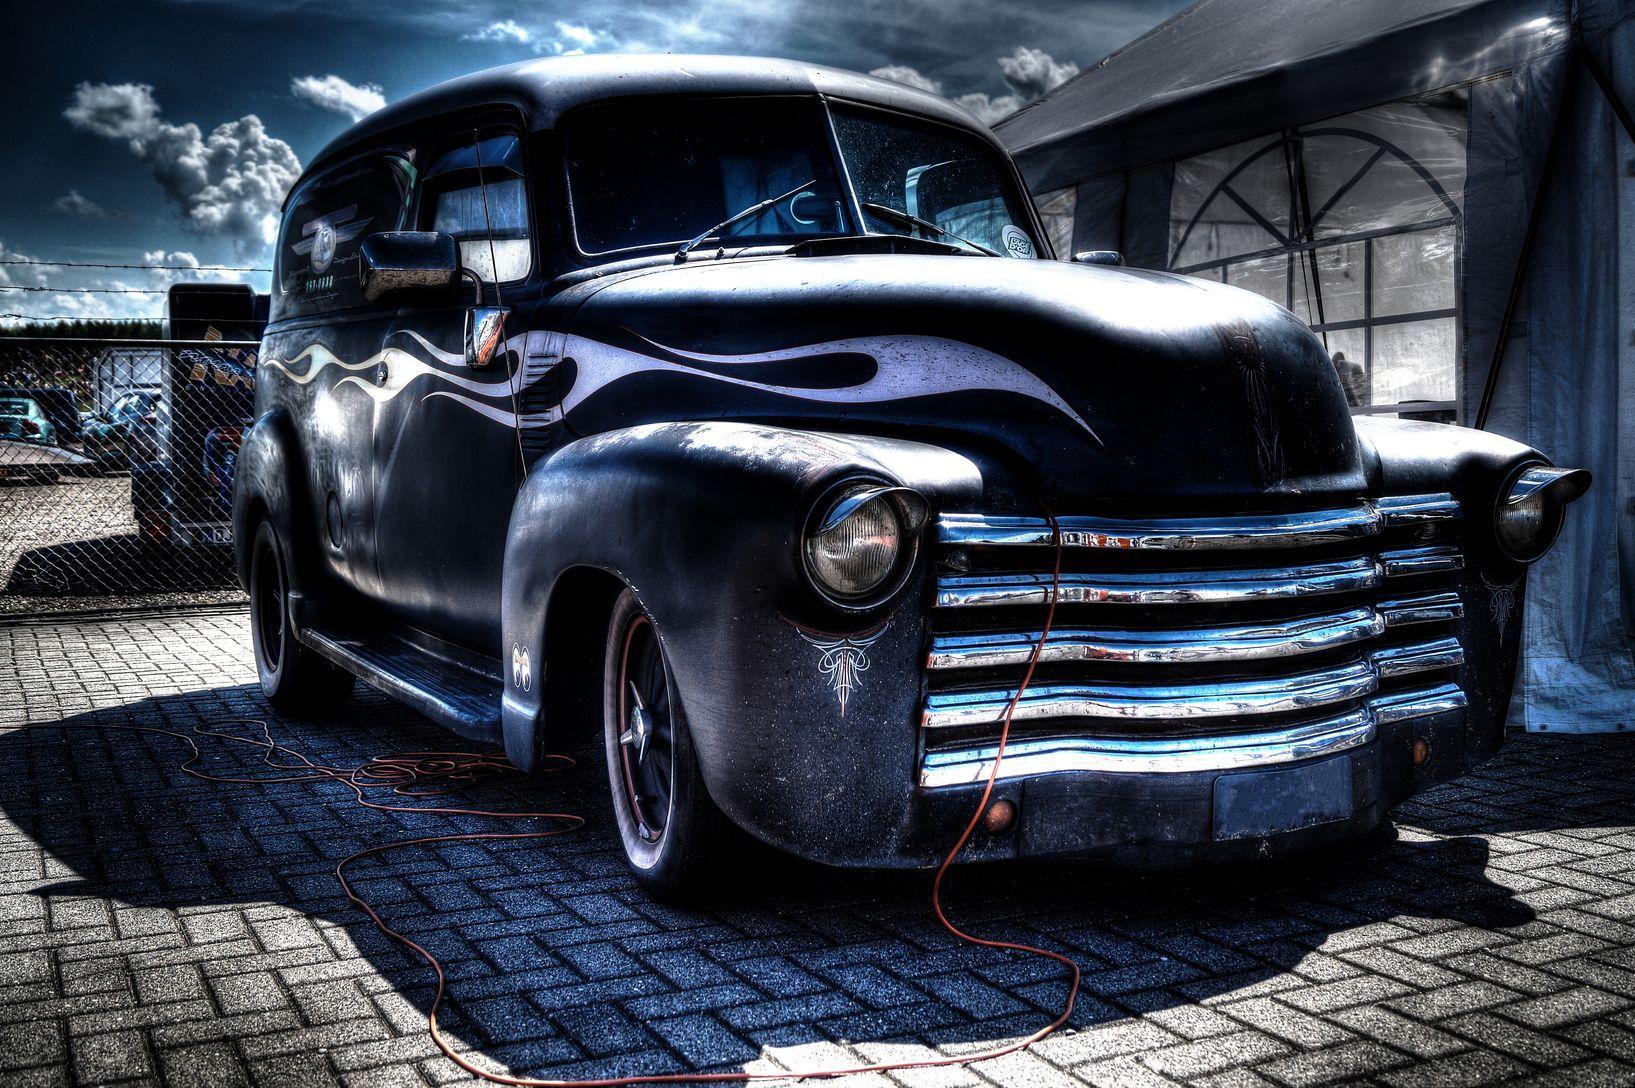 Gambar Mobil Klasik Desktop Dari Kumpulan Gambar Mobil Klasik Keren Classic Cars Veteran Car Auto Repair